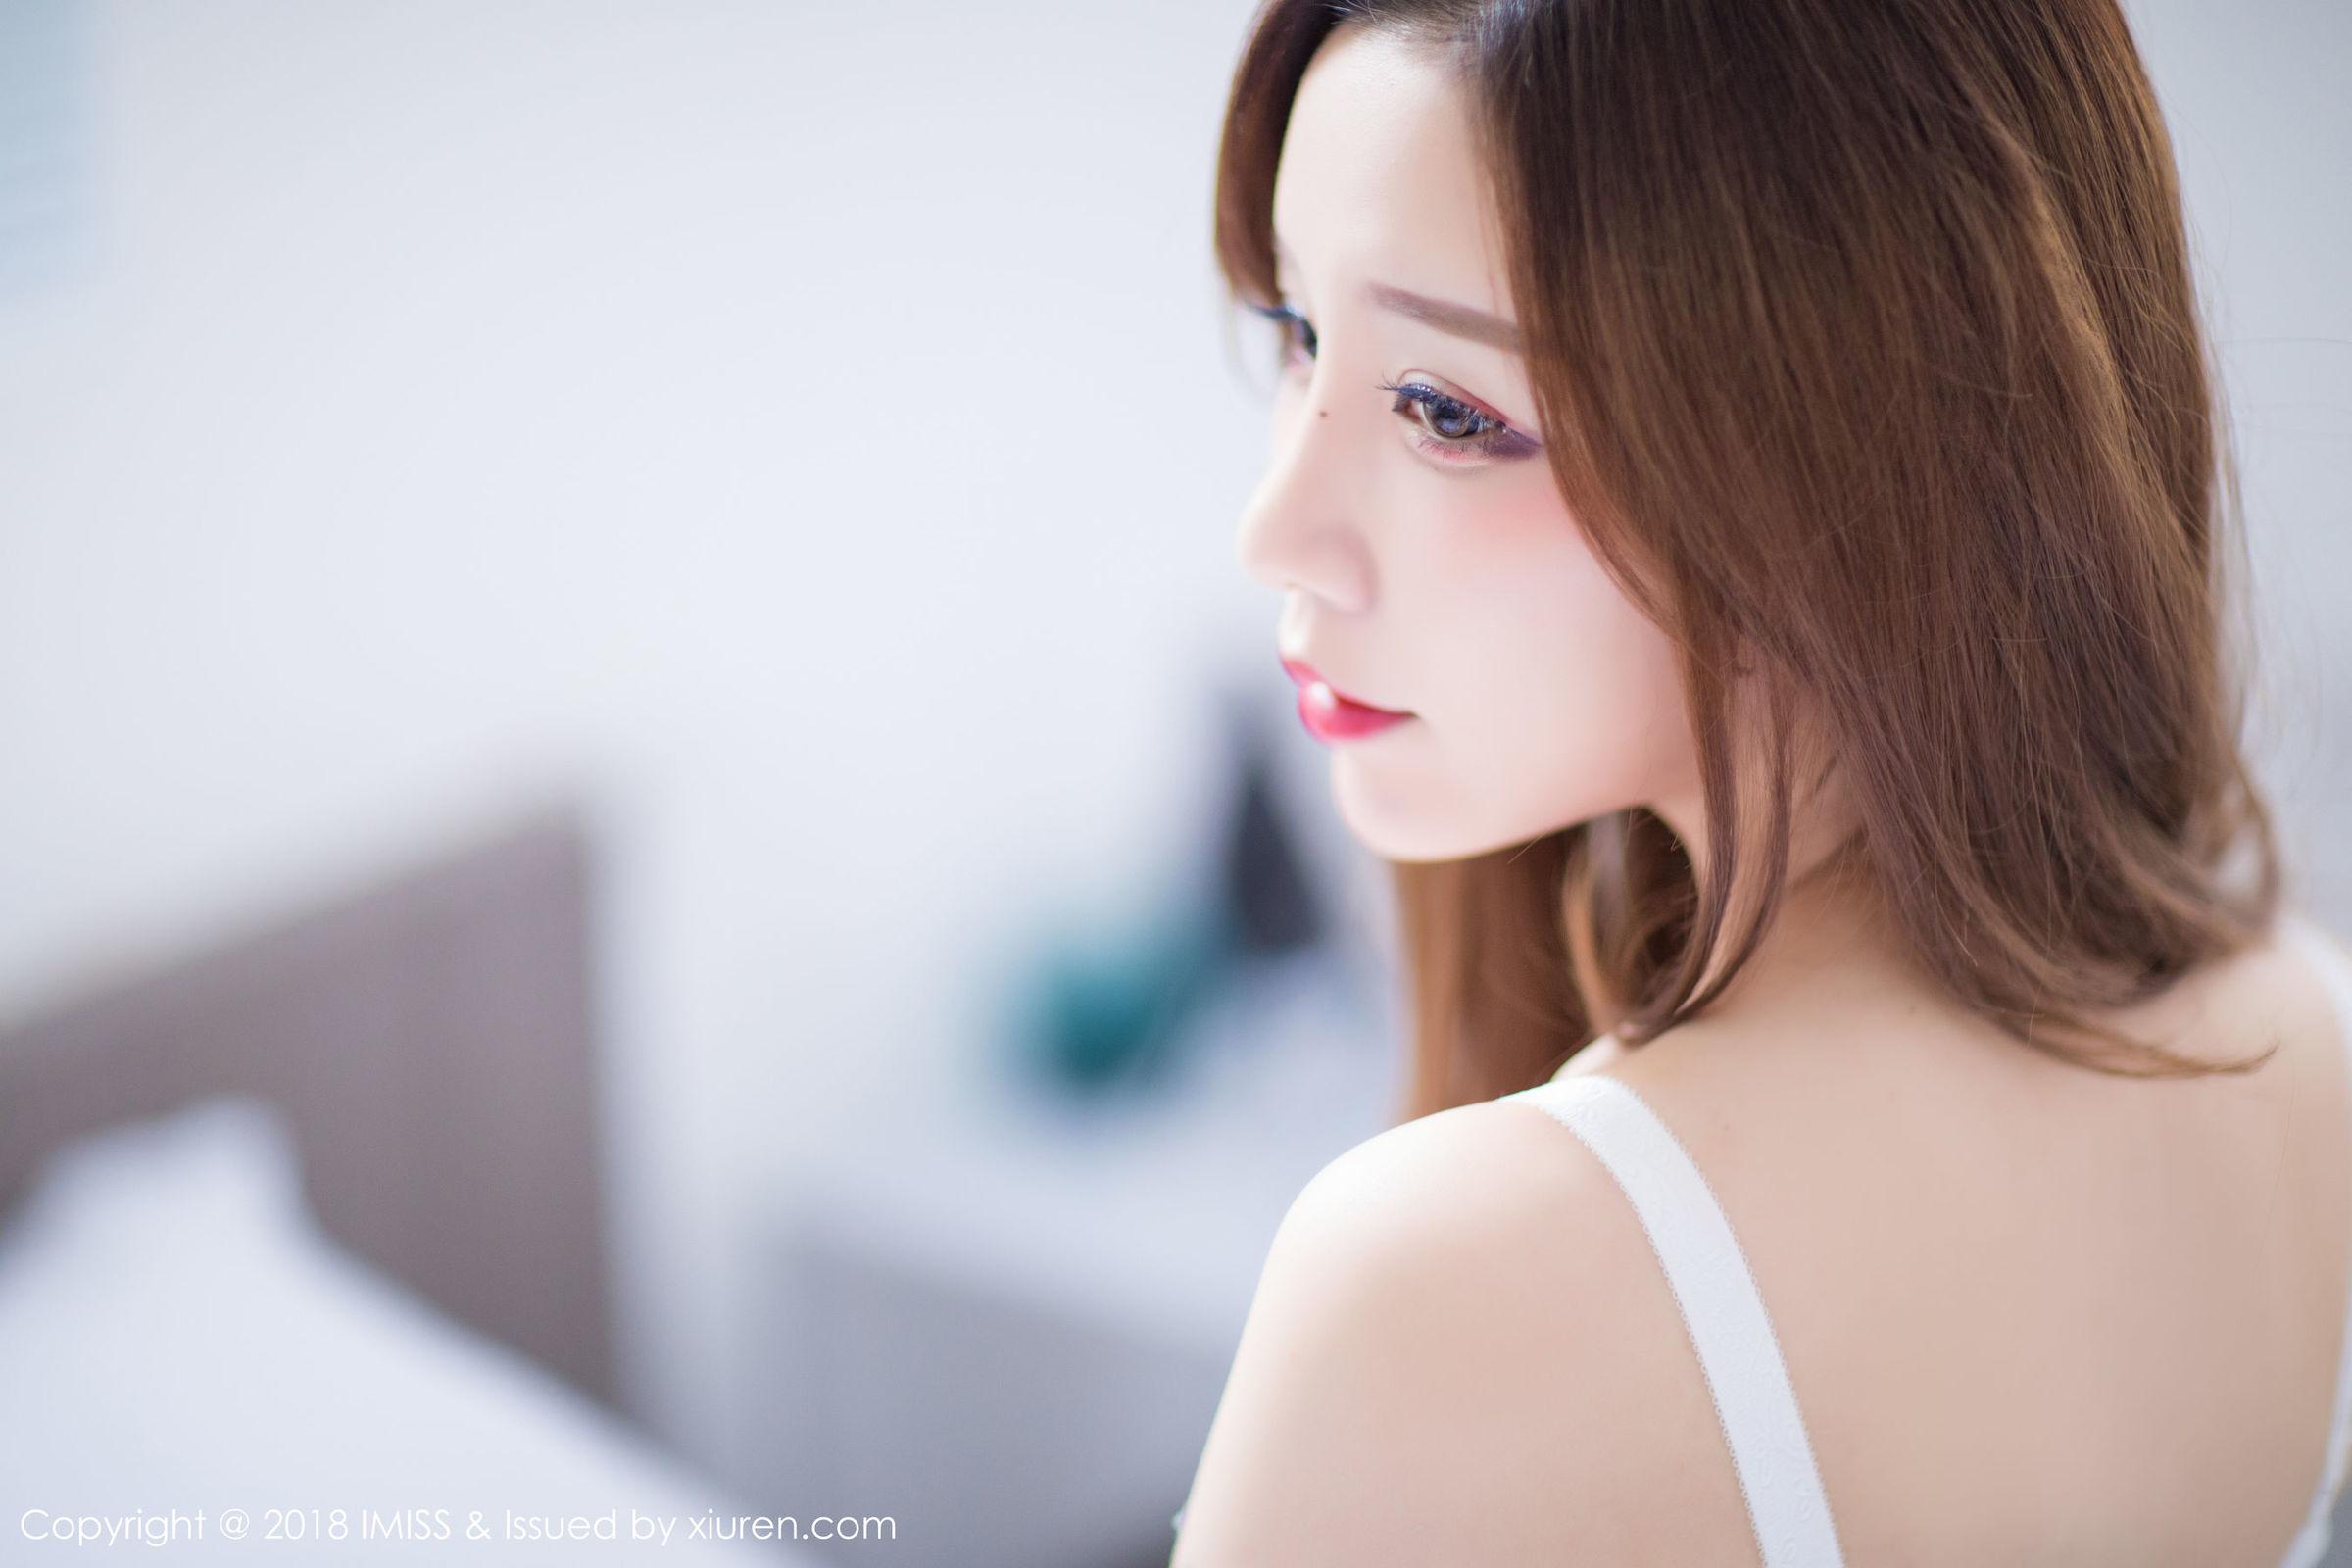 甜美新人@小琳首套写真